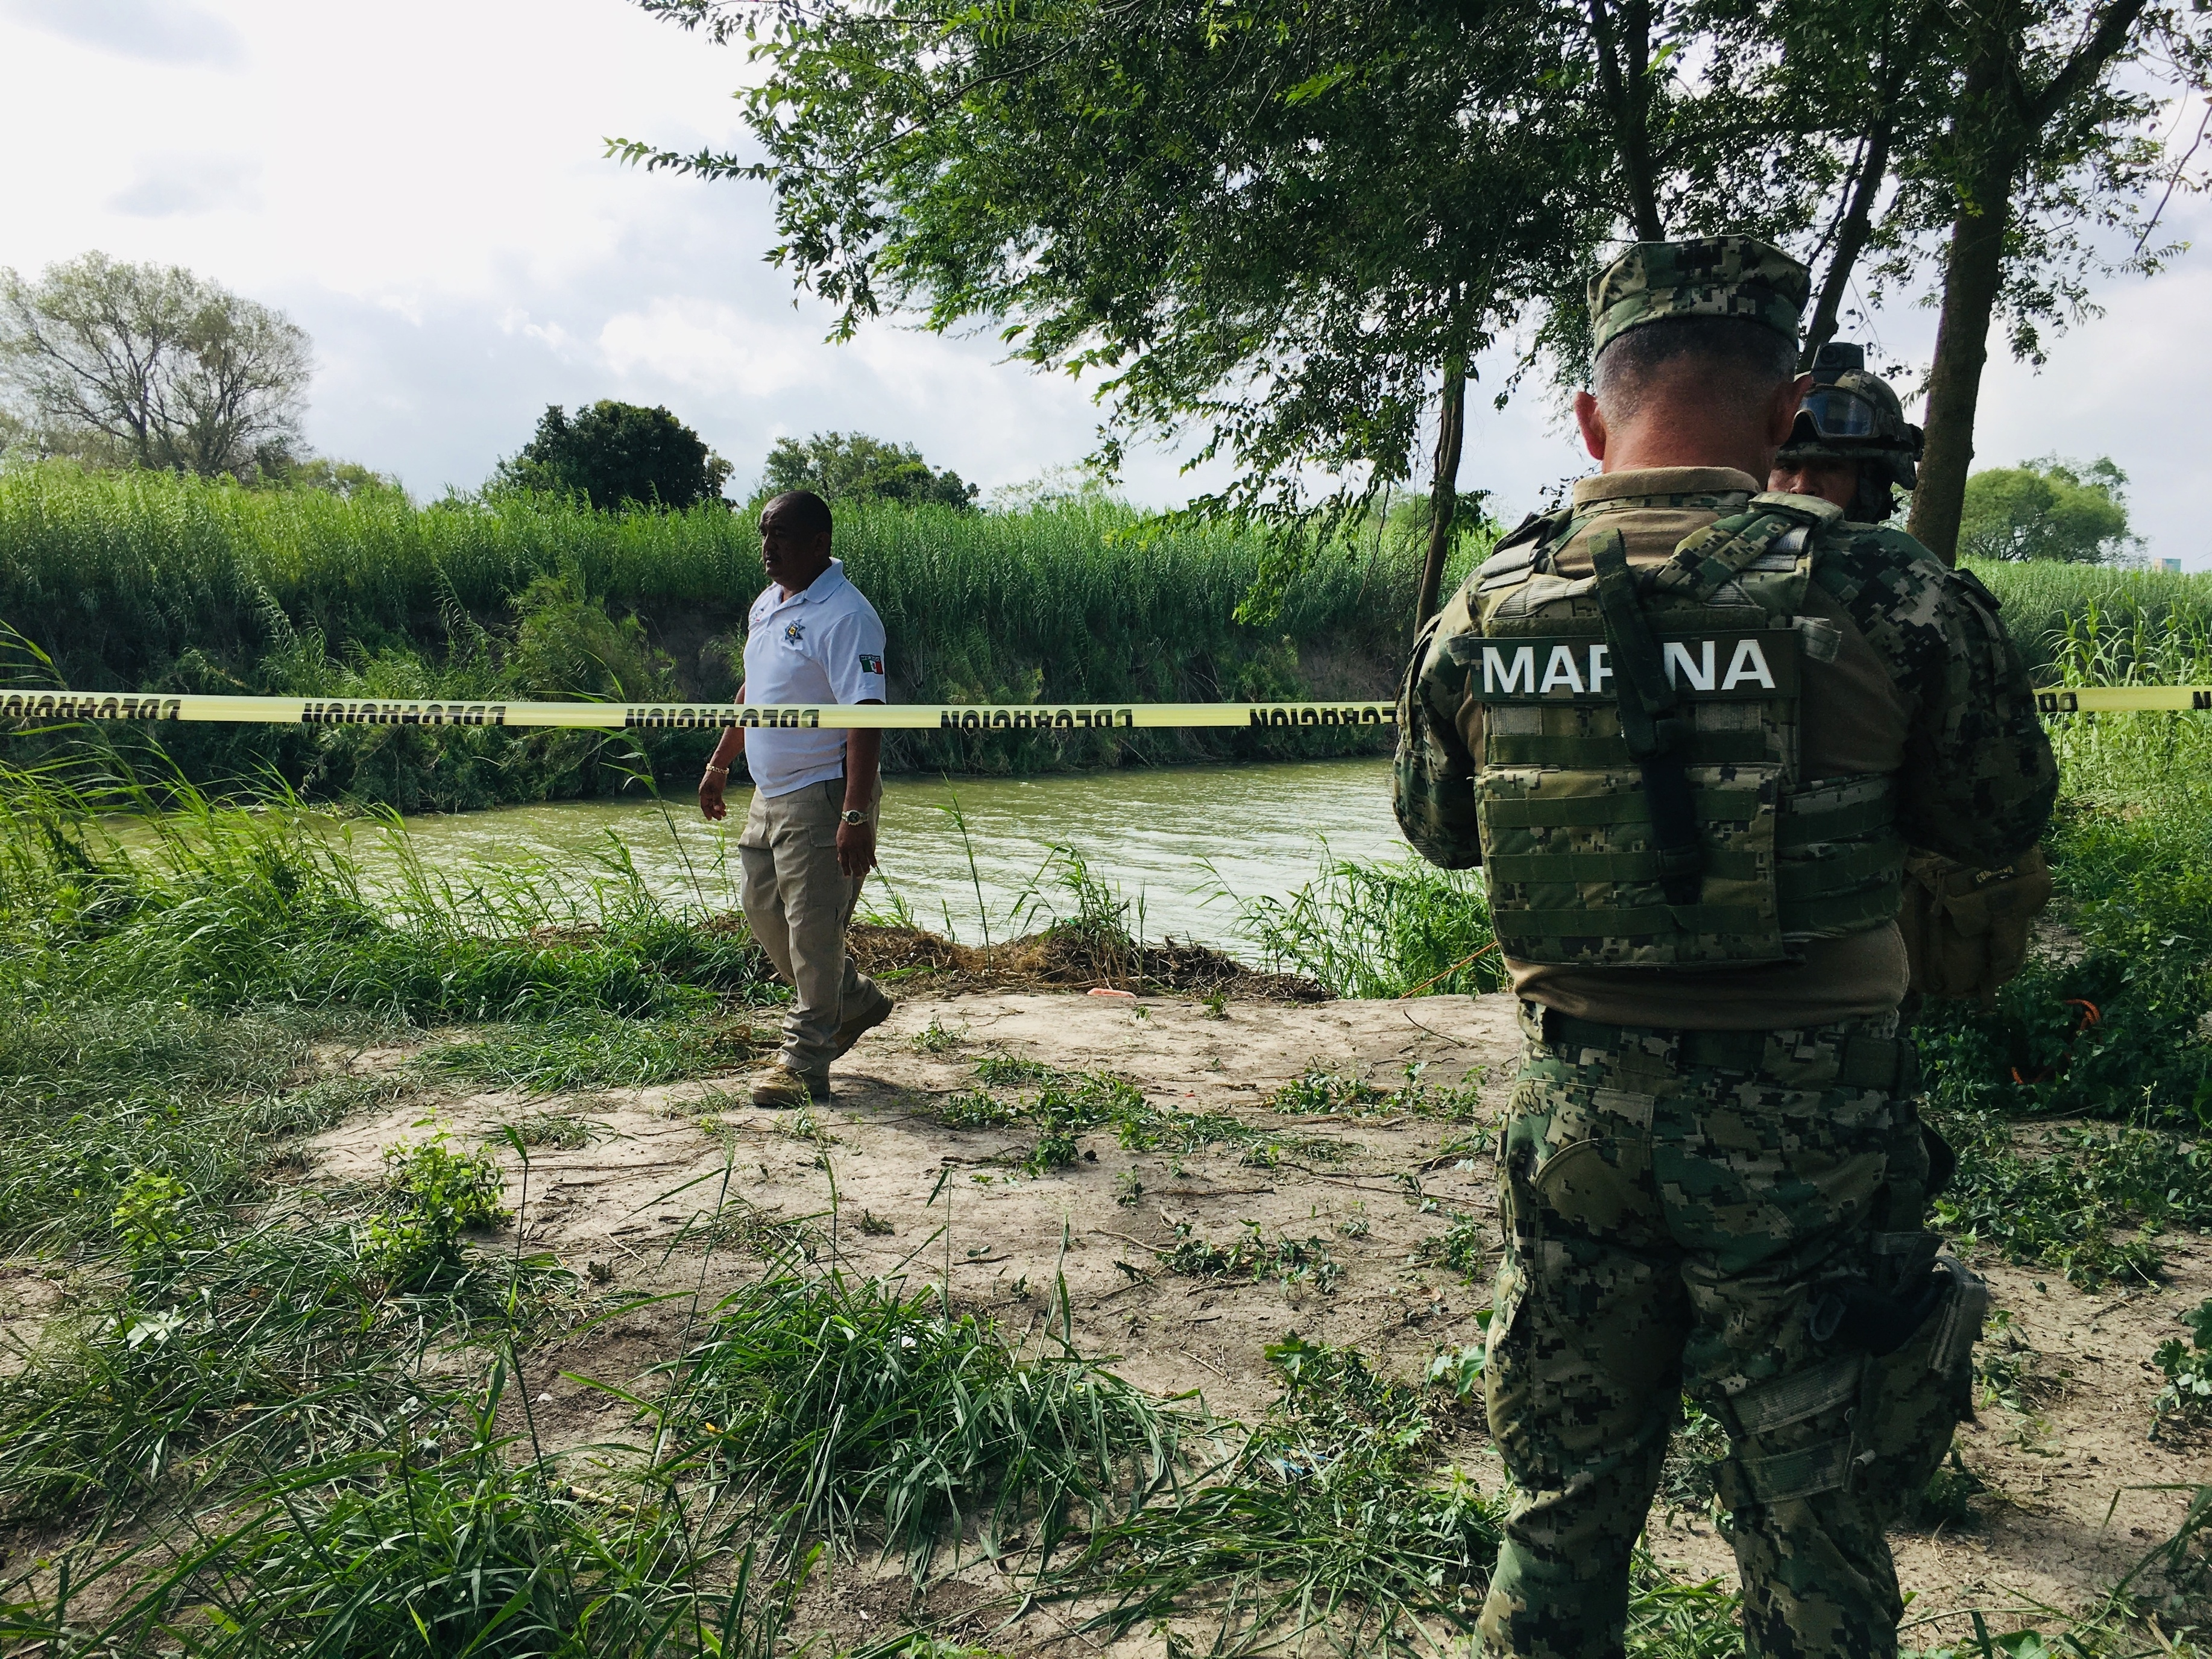 Folyóba fulladt apáról és lányáról készült fotó mutatja meg, milyen tragédiák történnek az amerikai-mexikói határon